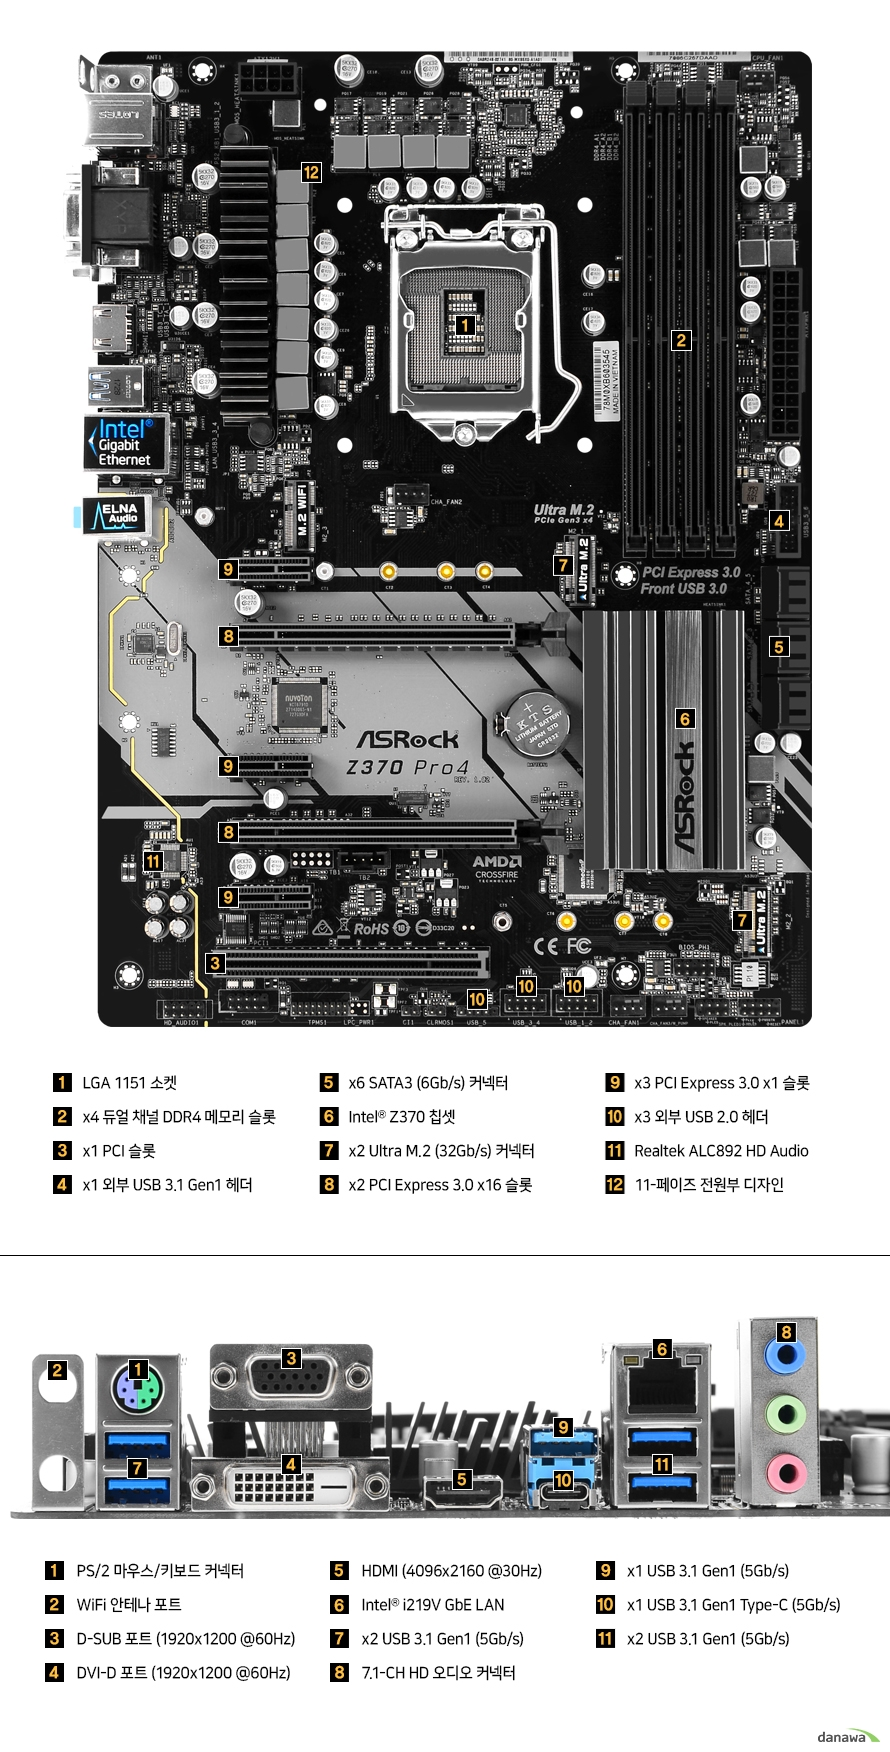 온보드  LGA 1151 소켓 x4 듀얼 채널 DDR4 메모리 슬롯 PCI 슬롯 1개 외부 USB 3.1 GEN1 헤더 1개 SATA3 6기가바이트 커넥터 6개 인텔 Z370칩셋 PCIE 3.0 16배속 슬롯 2개 PCIE 3.0 1배속 슬롯 3개 외부 USB 2.0 헤더 3개 리얼텍 ALC892 HD 오디오  11페이즈 전원부 디자인  백패널  PS2 마우스 및 키보드 커넥터 와이파이 안테나 포트 D SUB 포트 최대 해상도 1920 1200 60헤르츠 DVI D 포트 최대 해상도 1920 1200 60헤르츠 HDMI 4096 2160 30헤르츠 인텔 I219V 기가비트 랜 USB 3.1 GEN1 5기가바이트 5개 7.1채널 HD 오디오 커넥터 USB 3.1 GEN1 5기가바이트 타입 C 1개